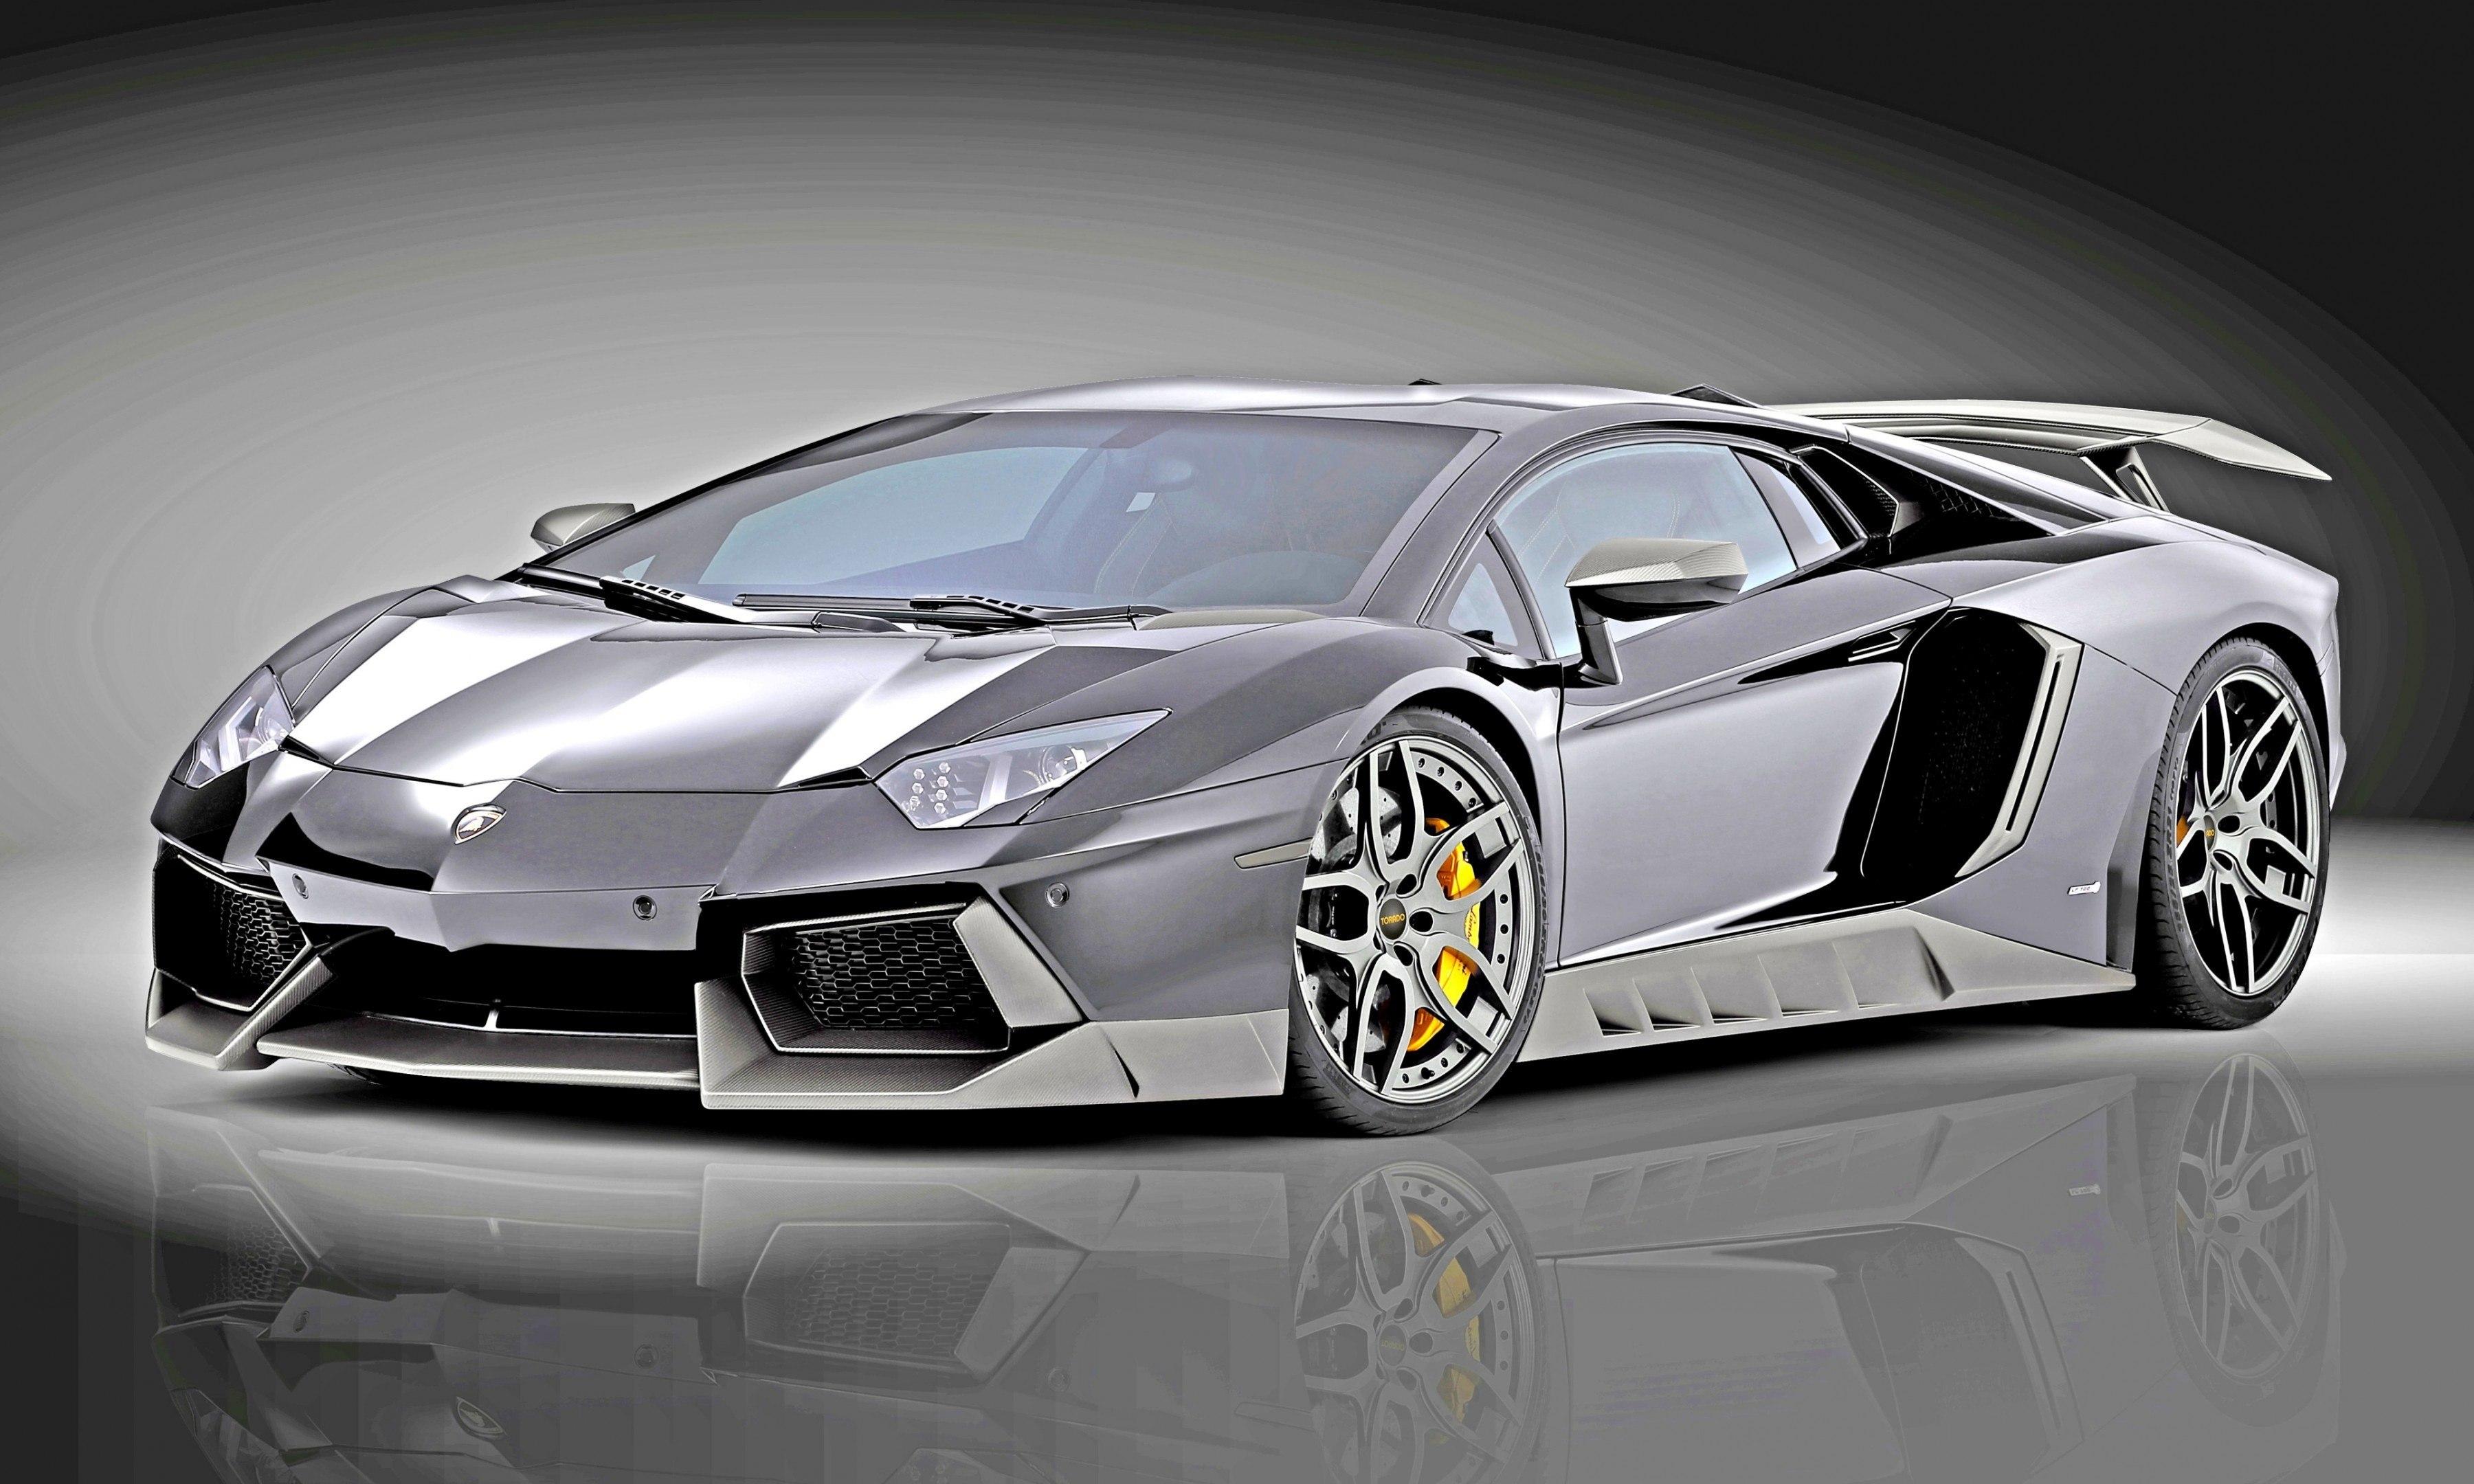 CarRevsDailycom NOVITEC TORADO Lamborghini Aventador - Hyper fast cars